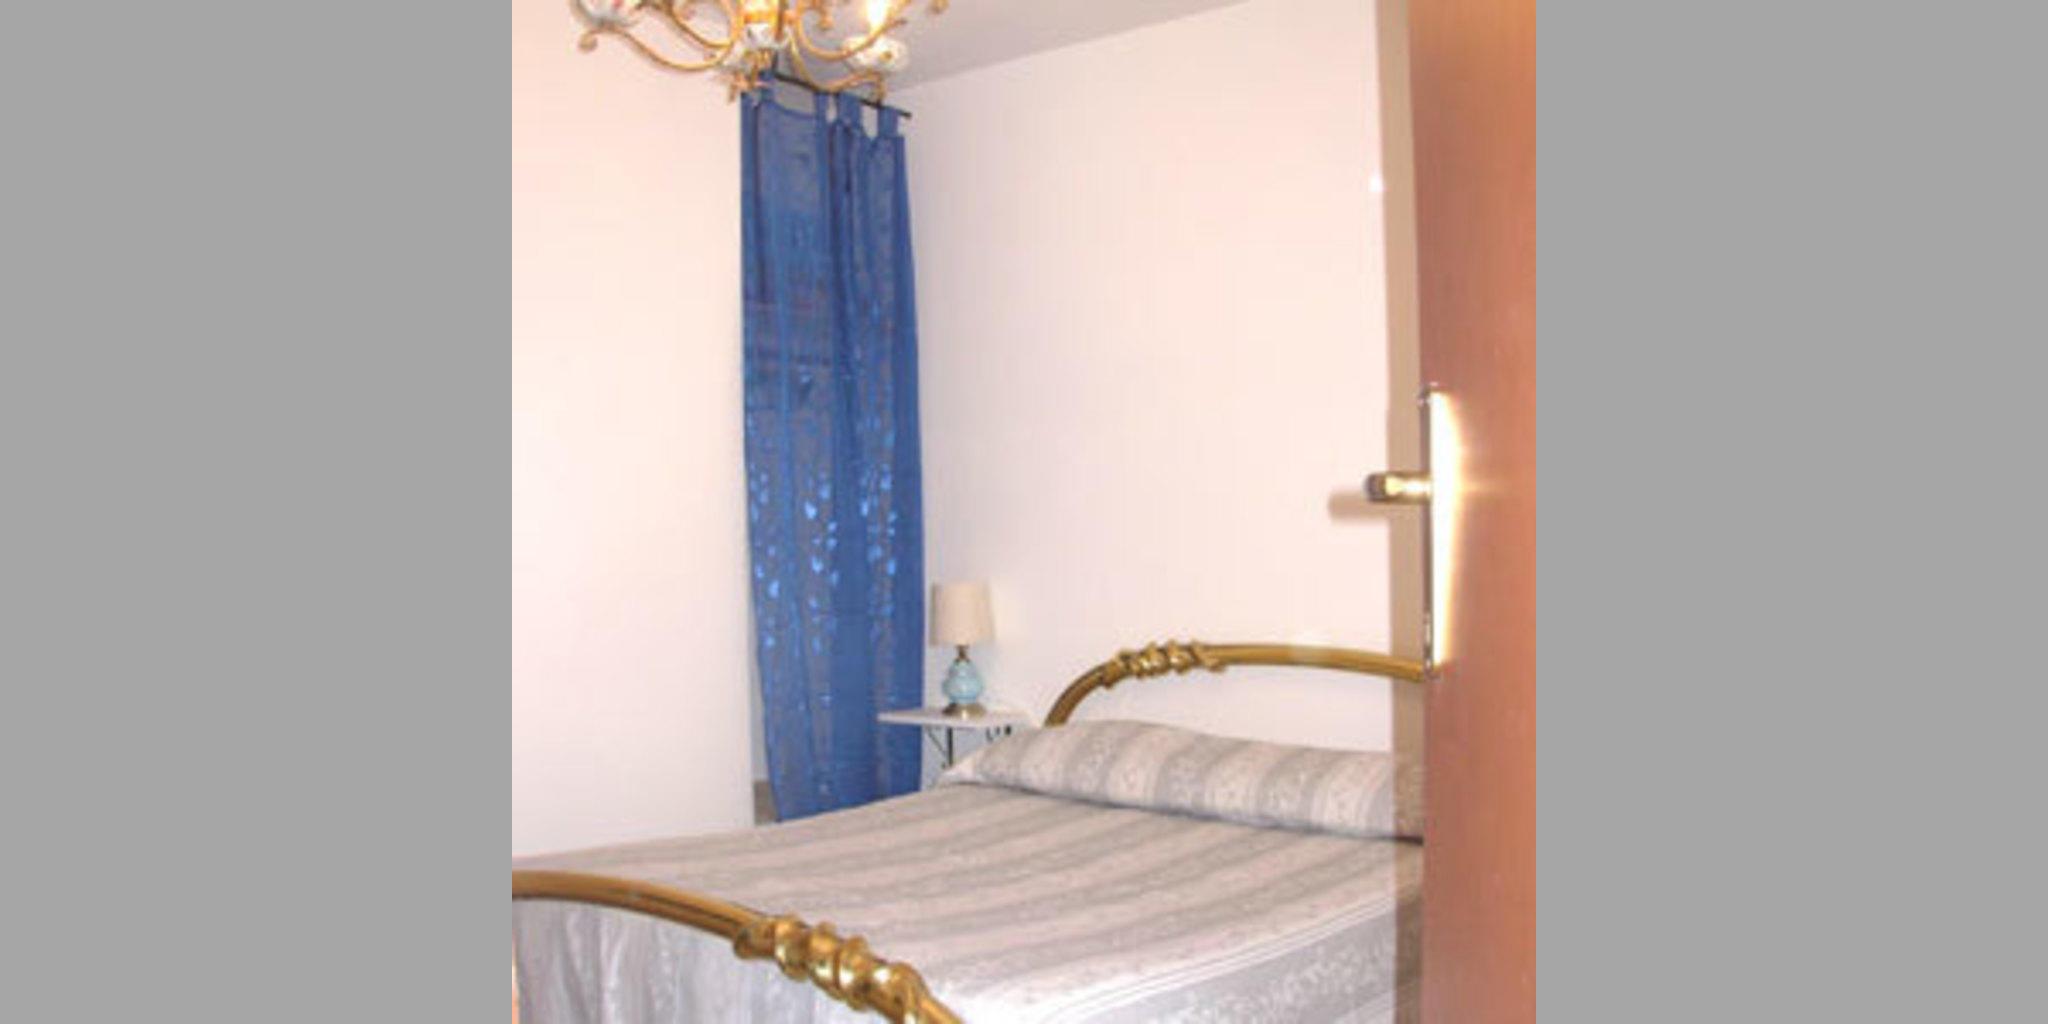 Bed & Breakfast Preci - Borgo